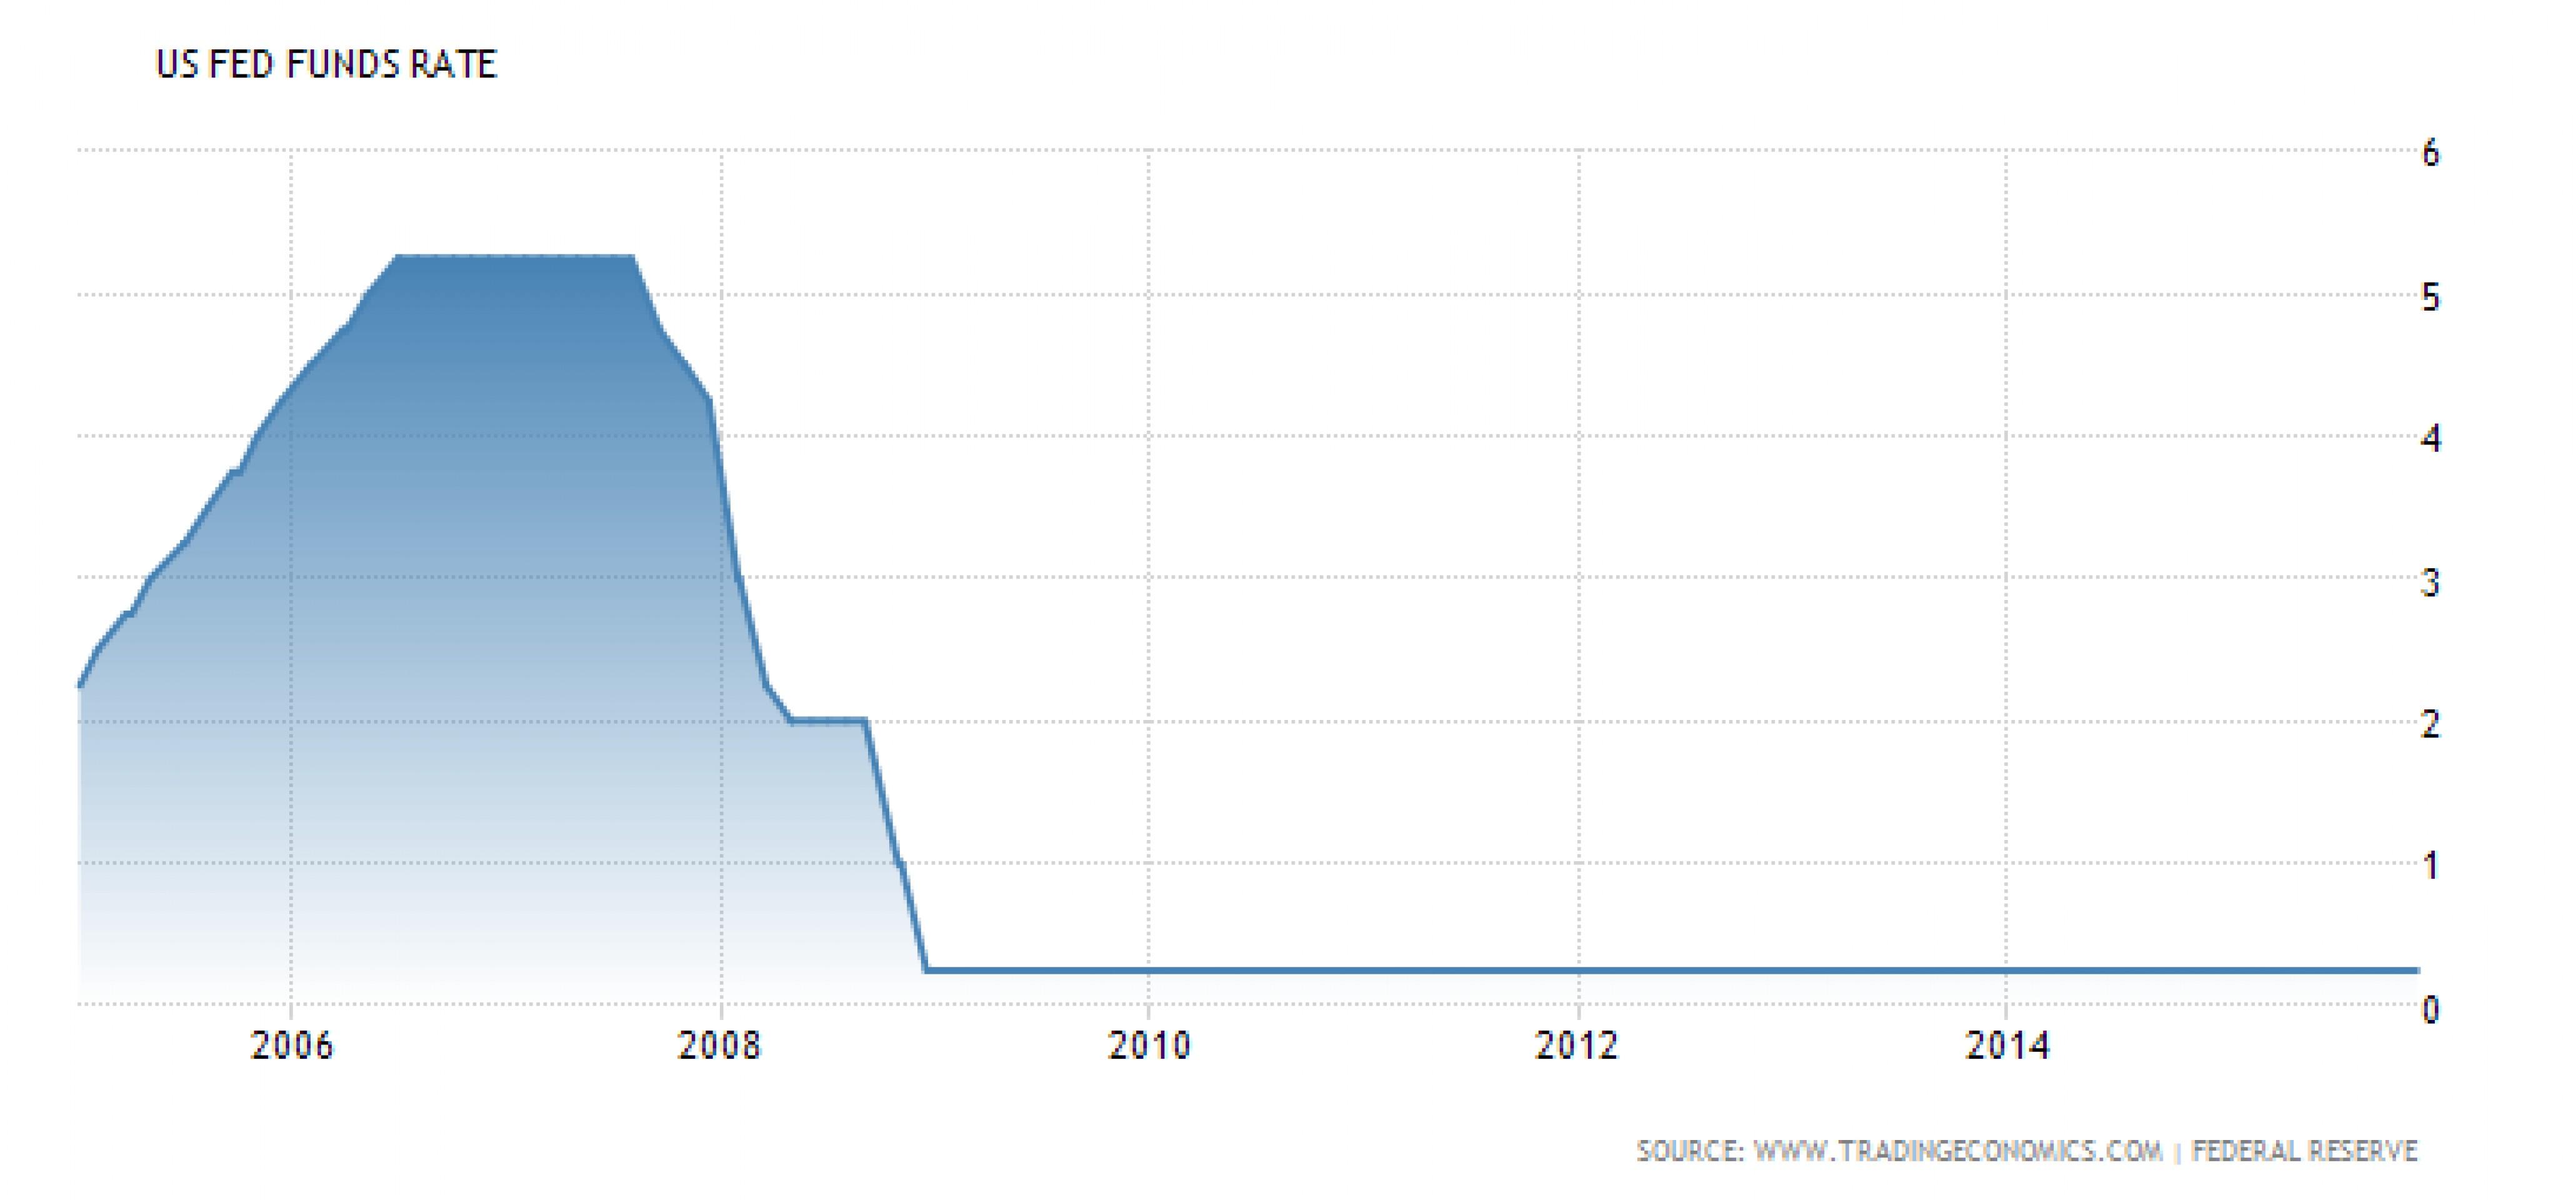 7 лет нулевых ставок. Как это было?